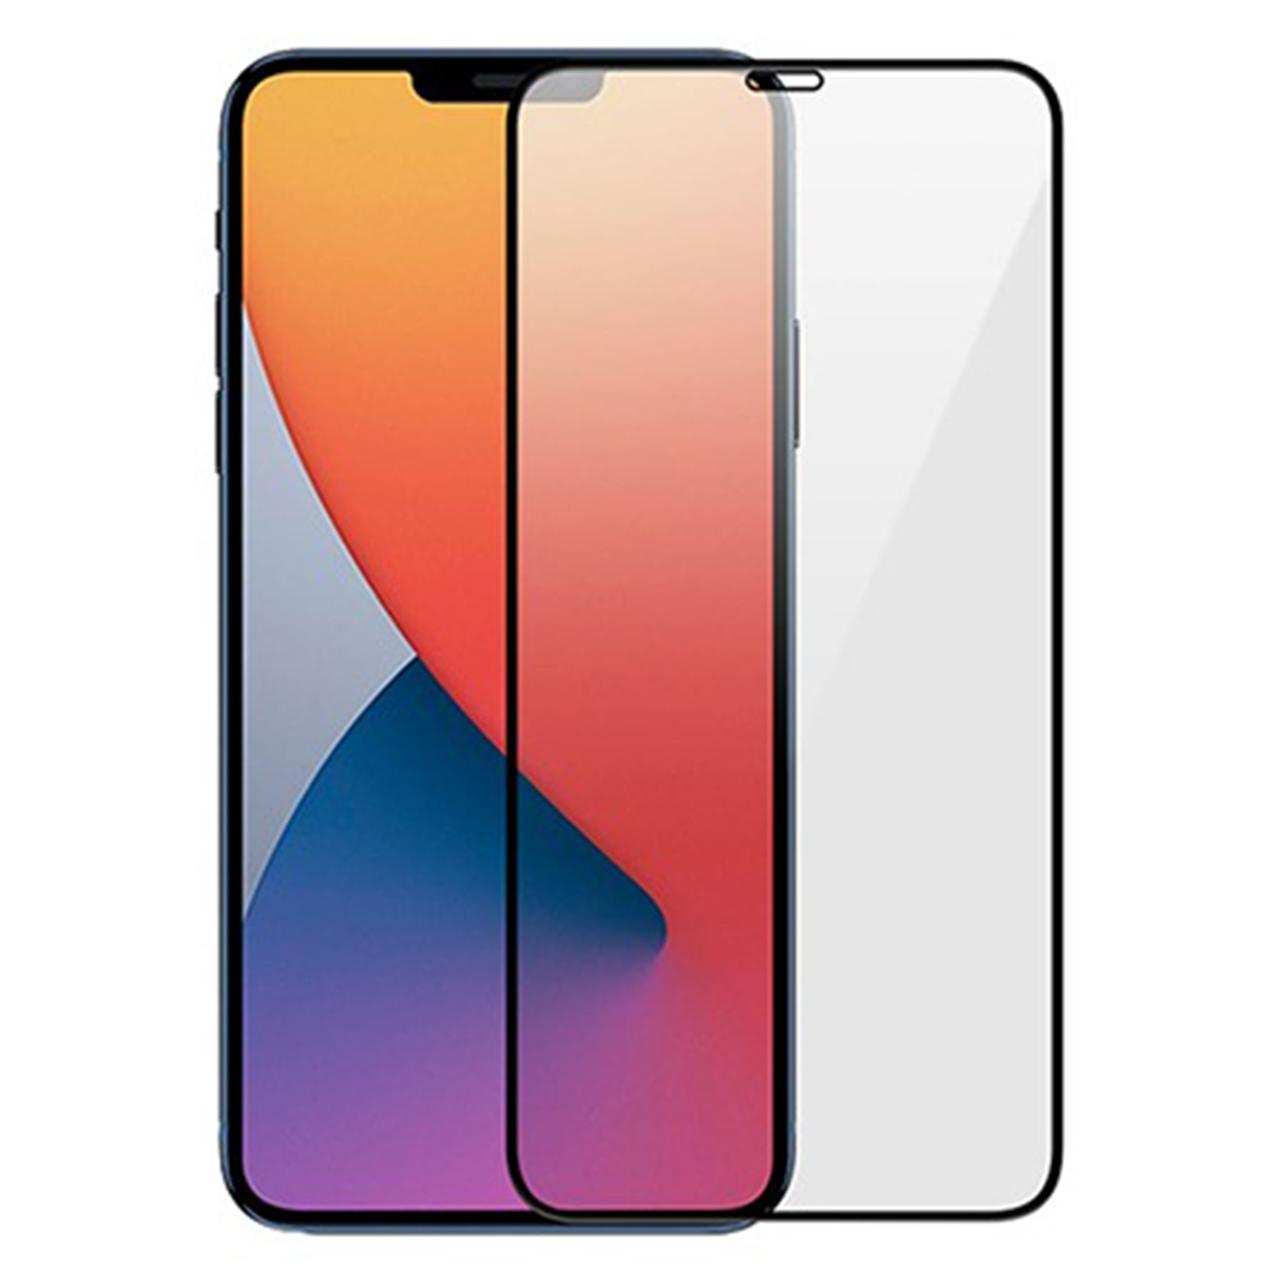 محافظ صفحه نمایش جی سی کام مدل H9 مناسب برای گوشی موبایل اپل iPhone 12/12Pro